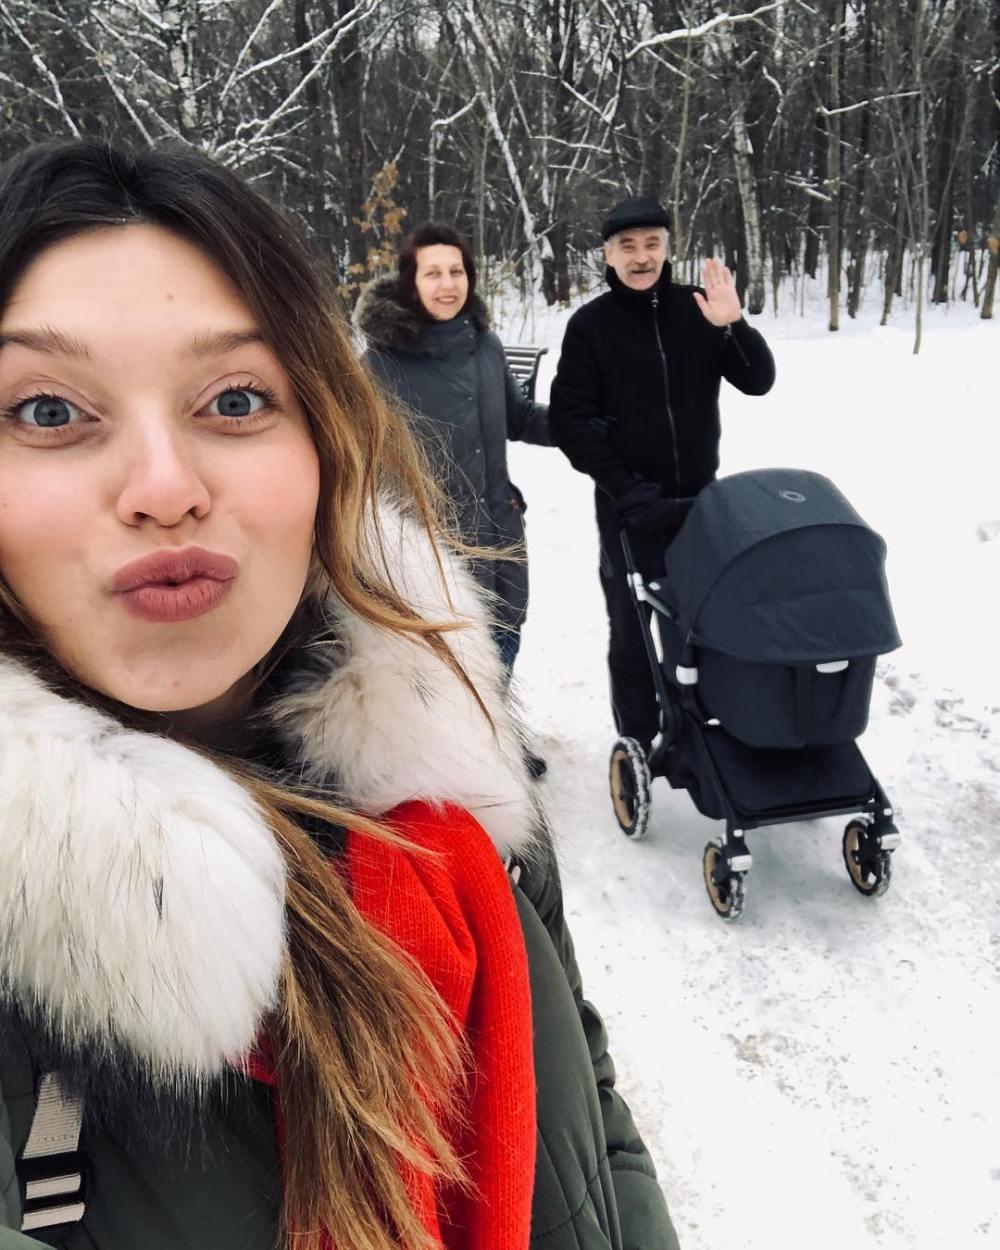 Регина Тодоренко показала ФОТО с сыном и родителями